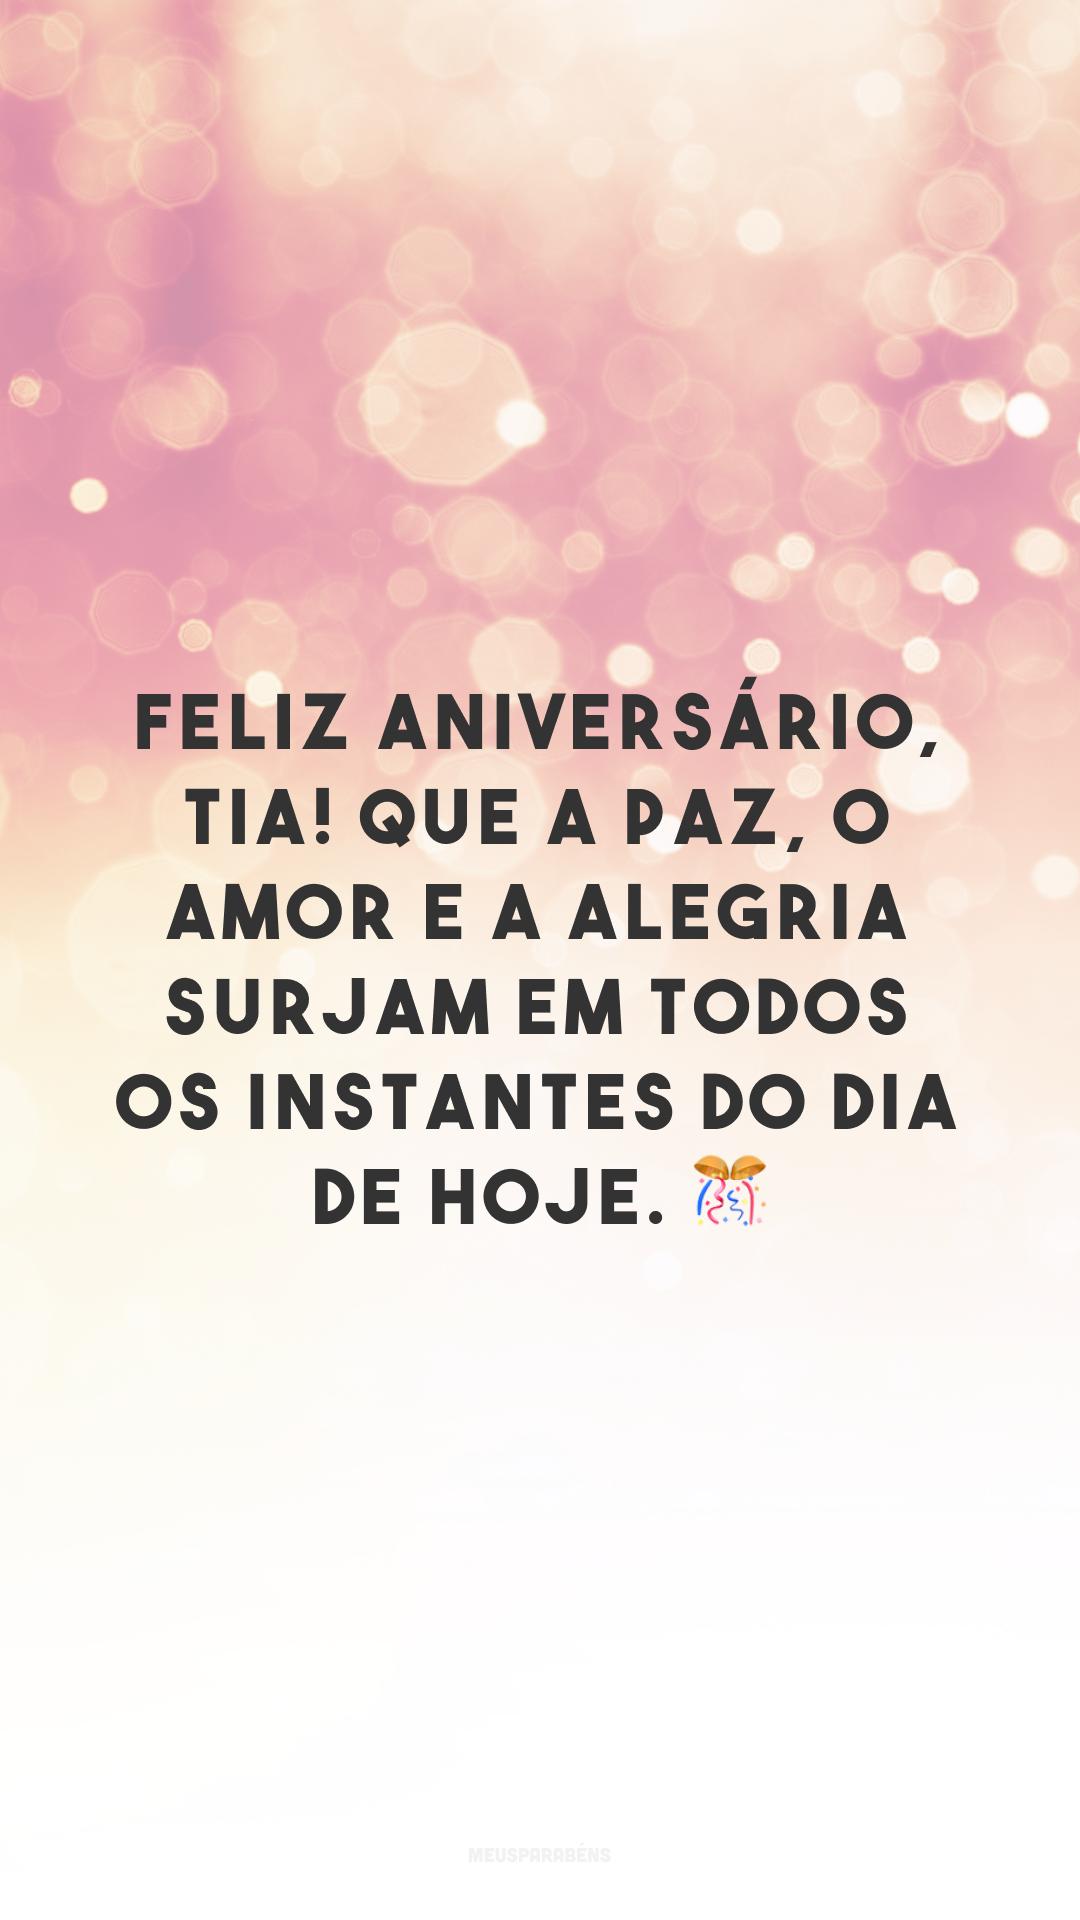 Feliz aniversário, tia! Que a paz, o amor e a alegria surjam em todos os instantes do dia de hoje. 🎊